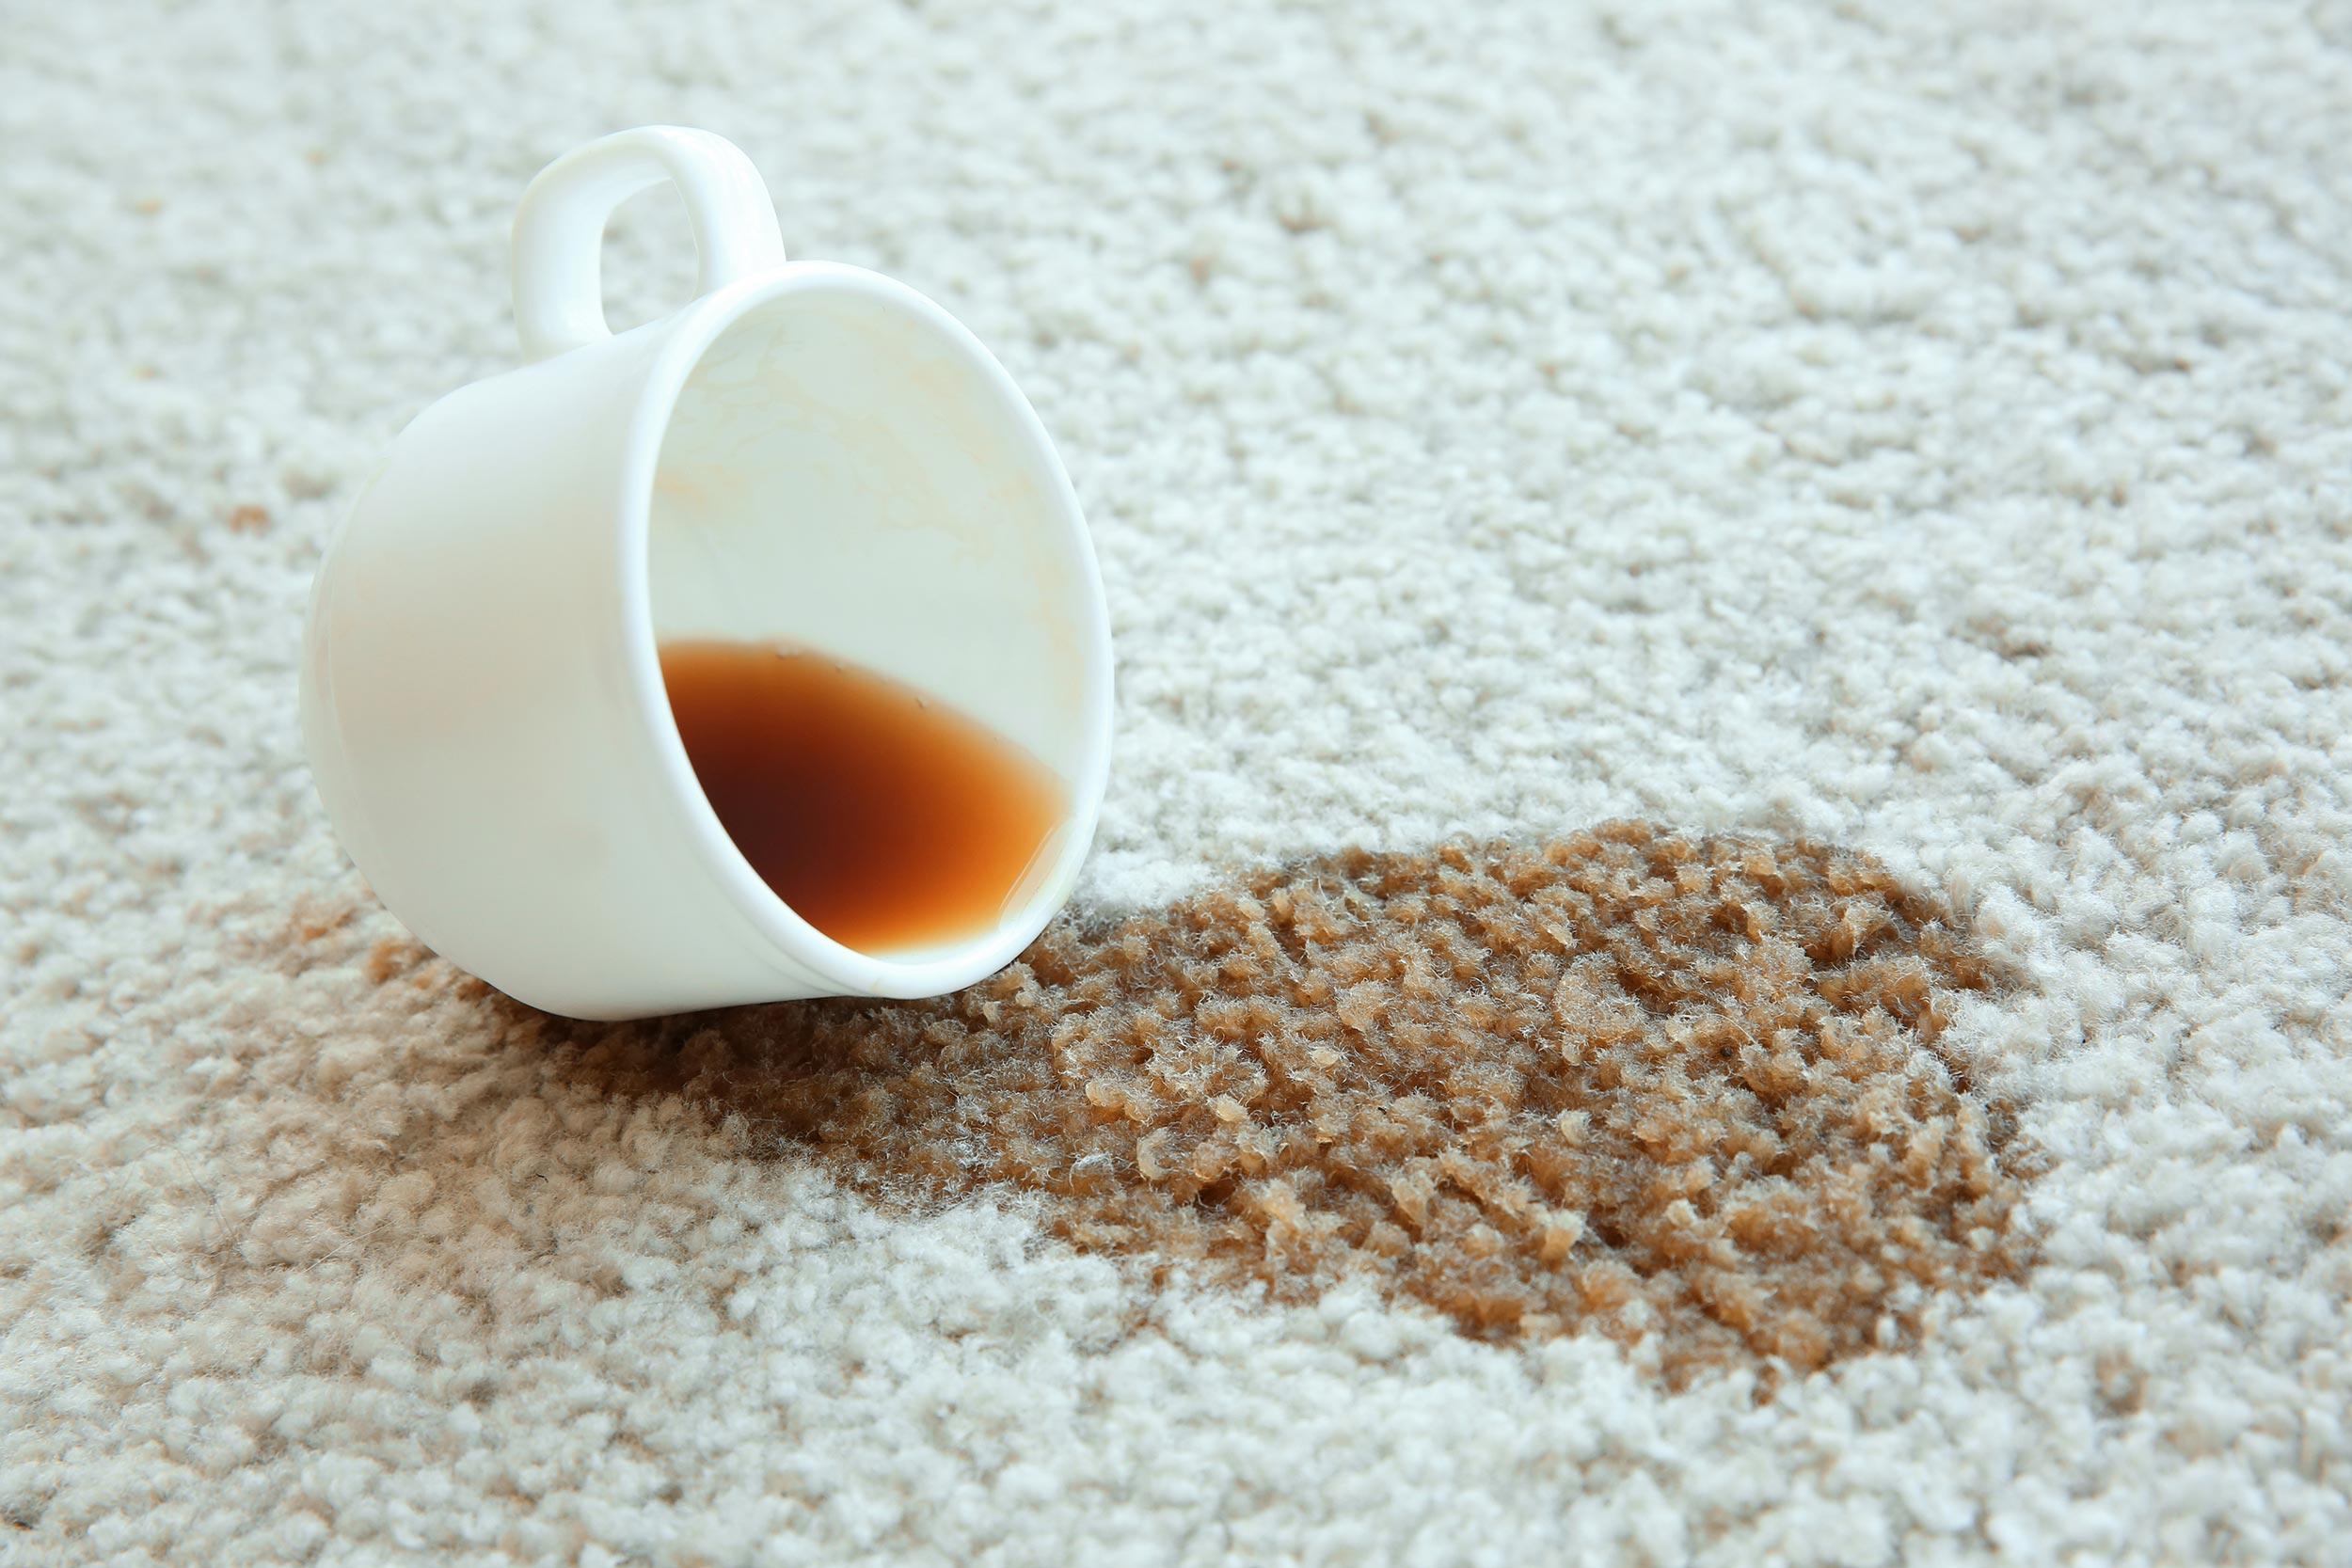 Prolivena kava iz bijele šalice po bijelom tepihu